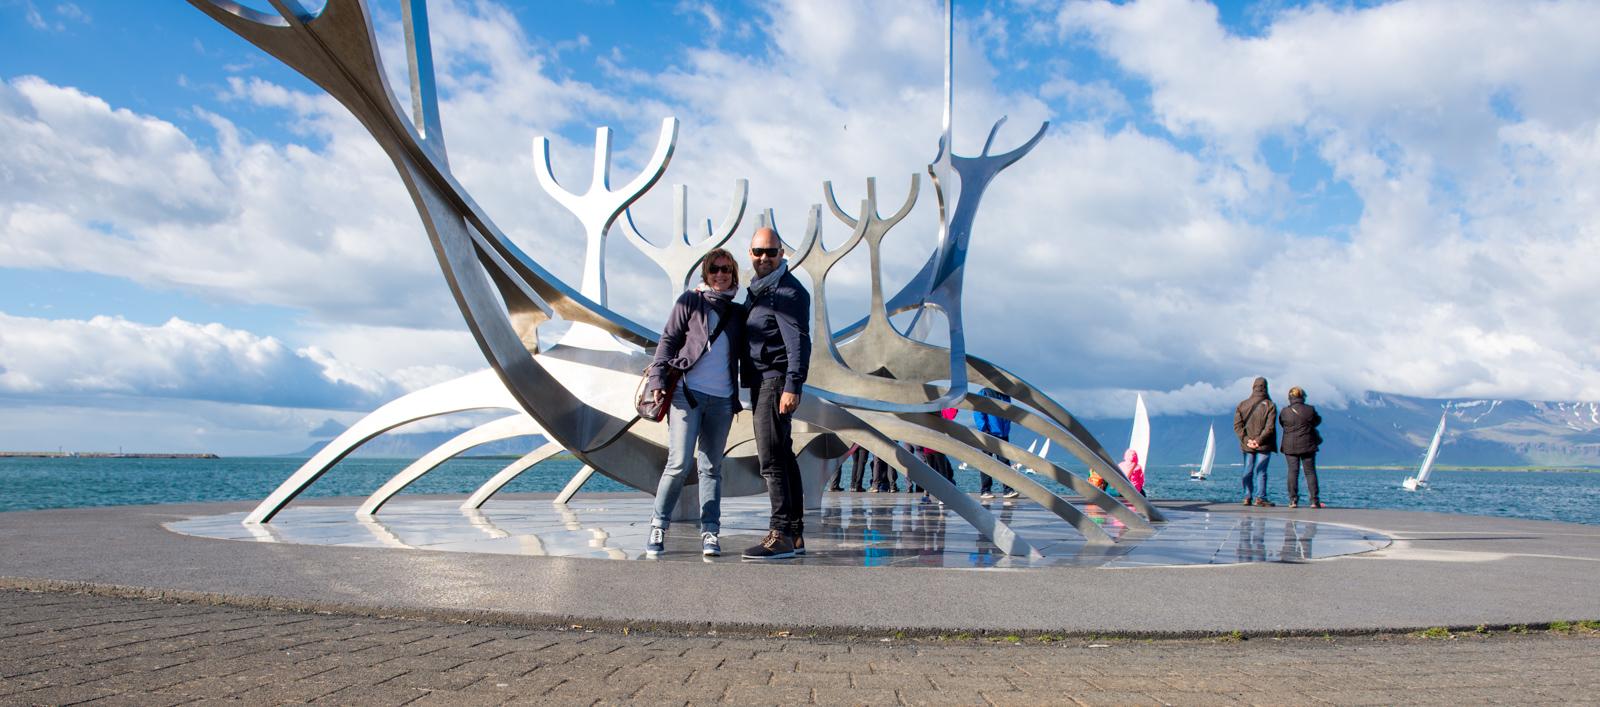 iceland_day_05_reykjavik-45.jpg